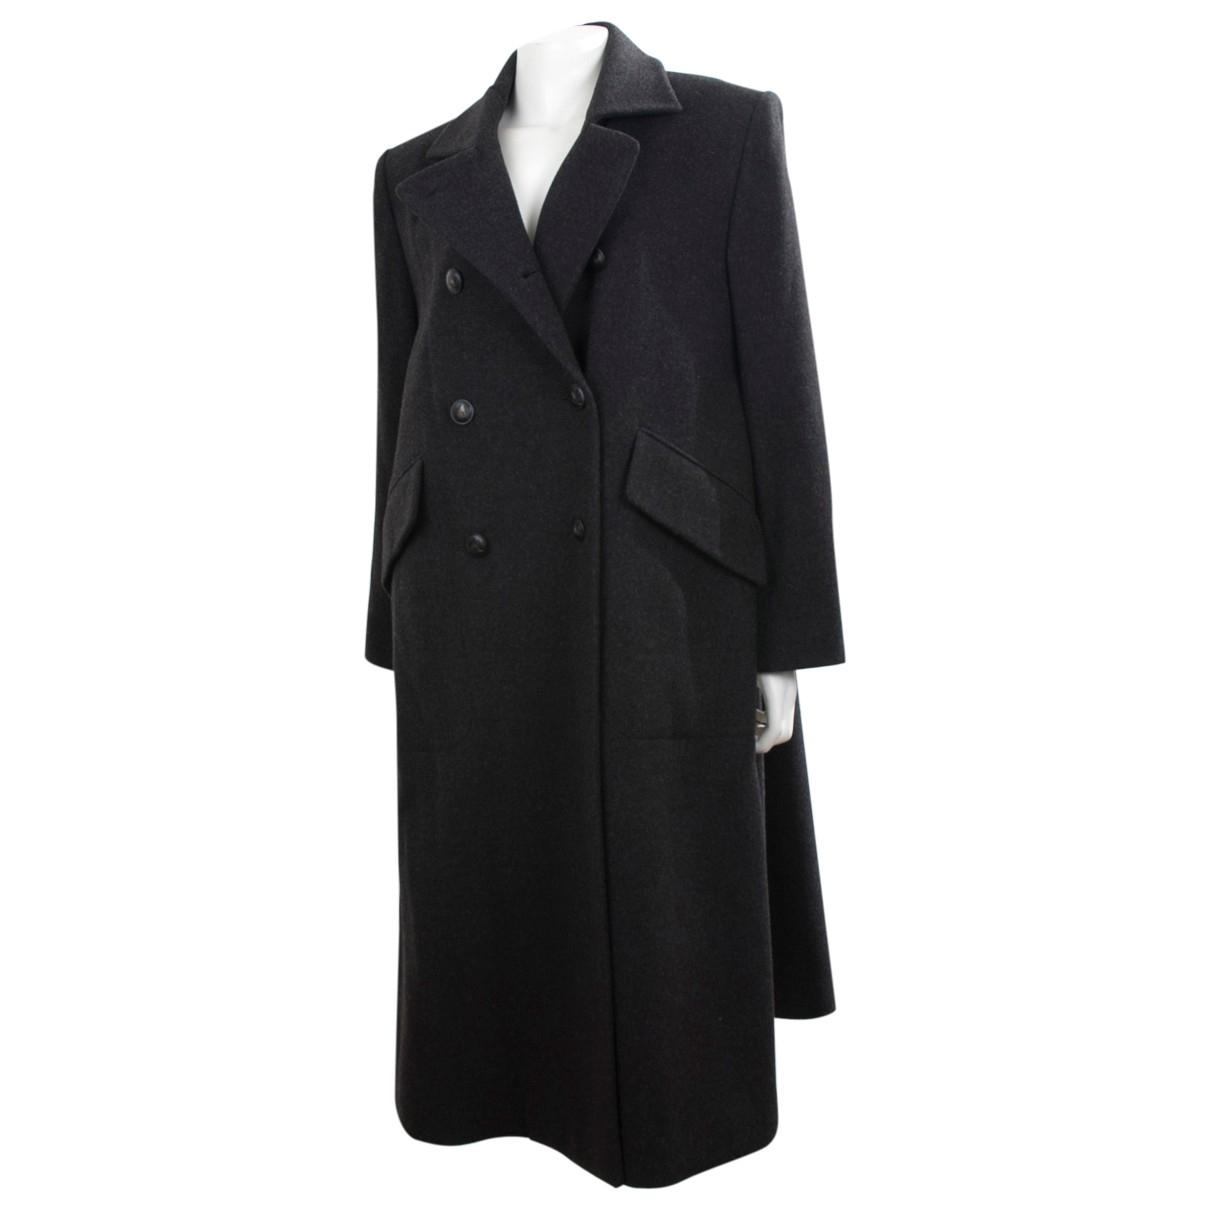 Hermes - Manteau   pour femme en laine - anthracite